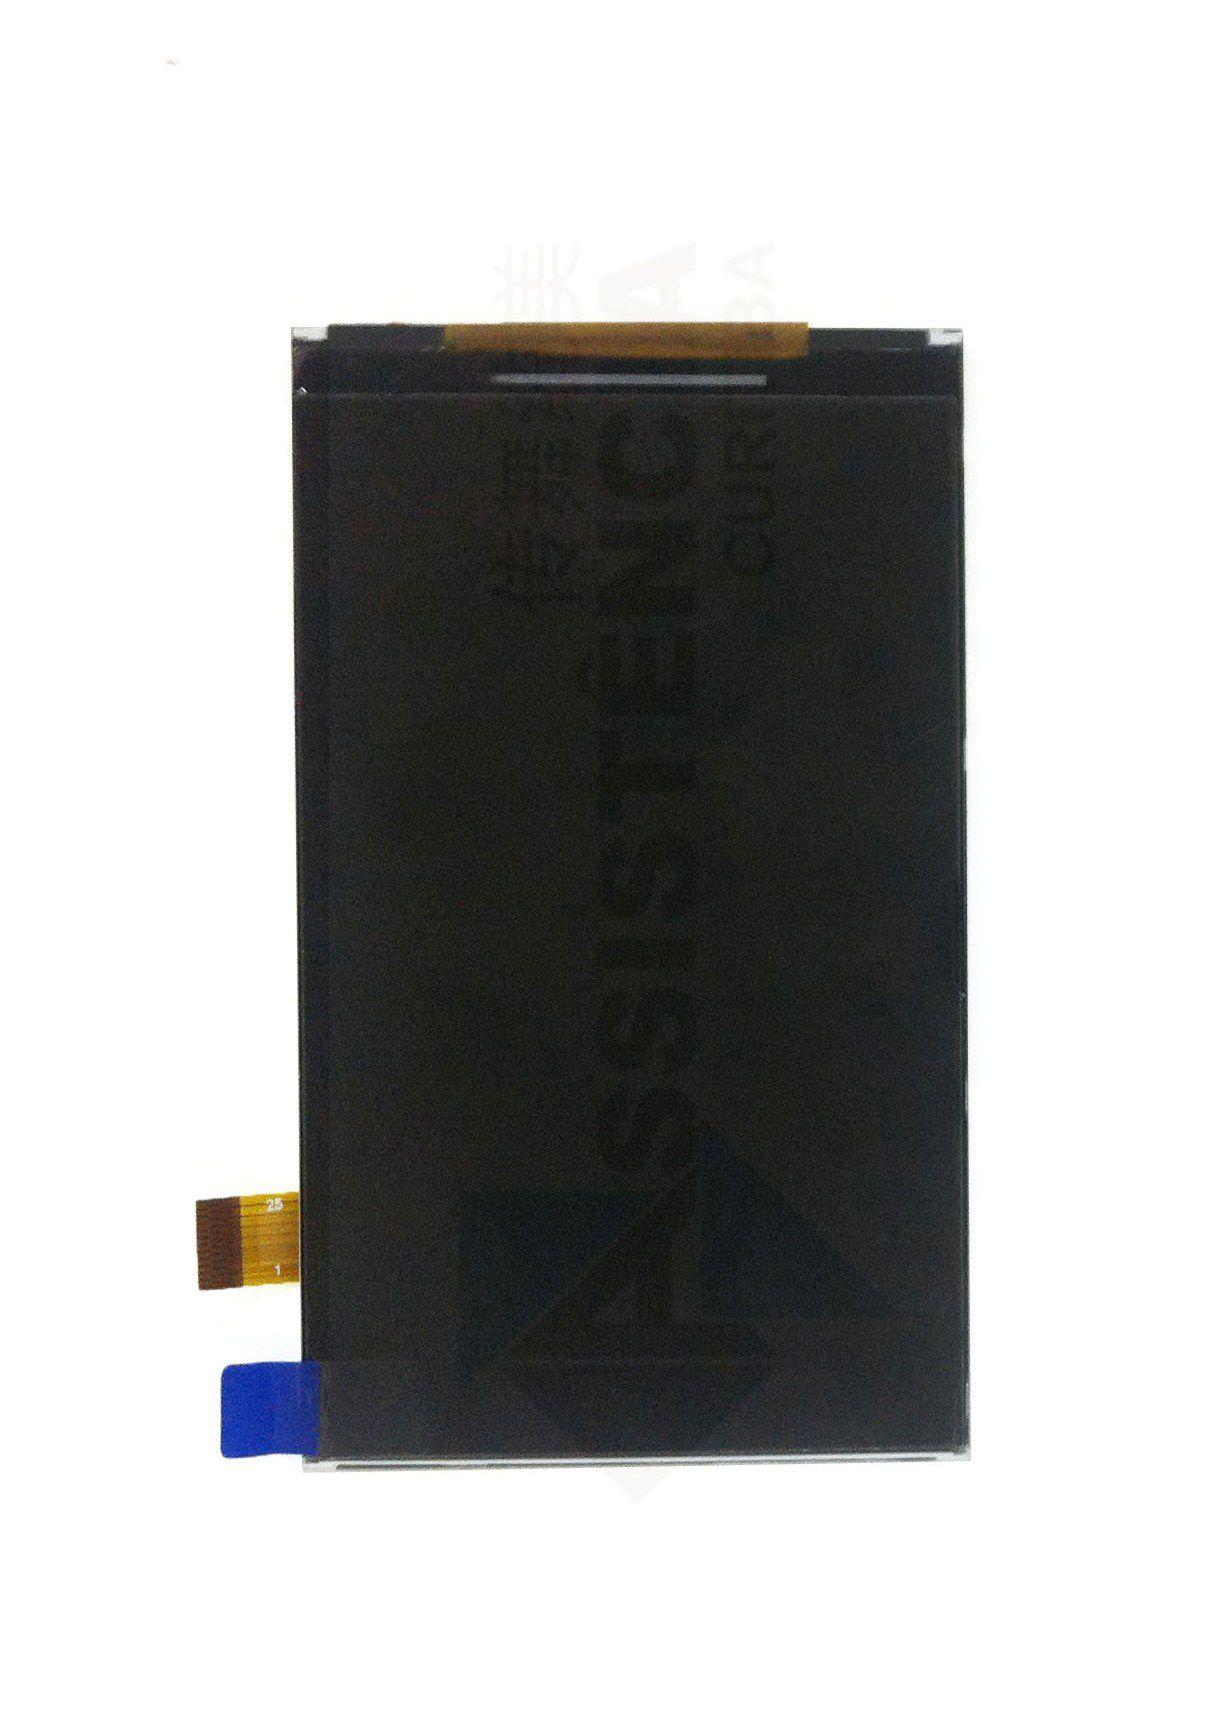 TELA DISPLAY LCD CELULAR MULTILASER MS40 4